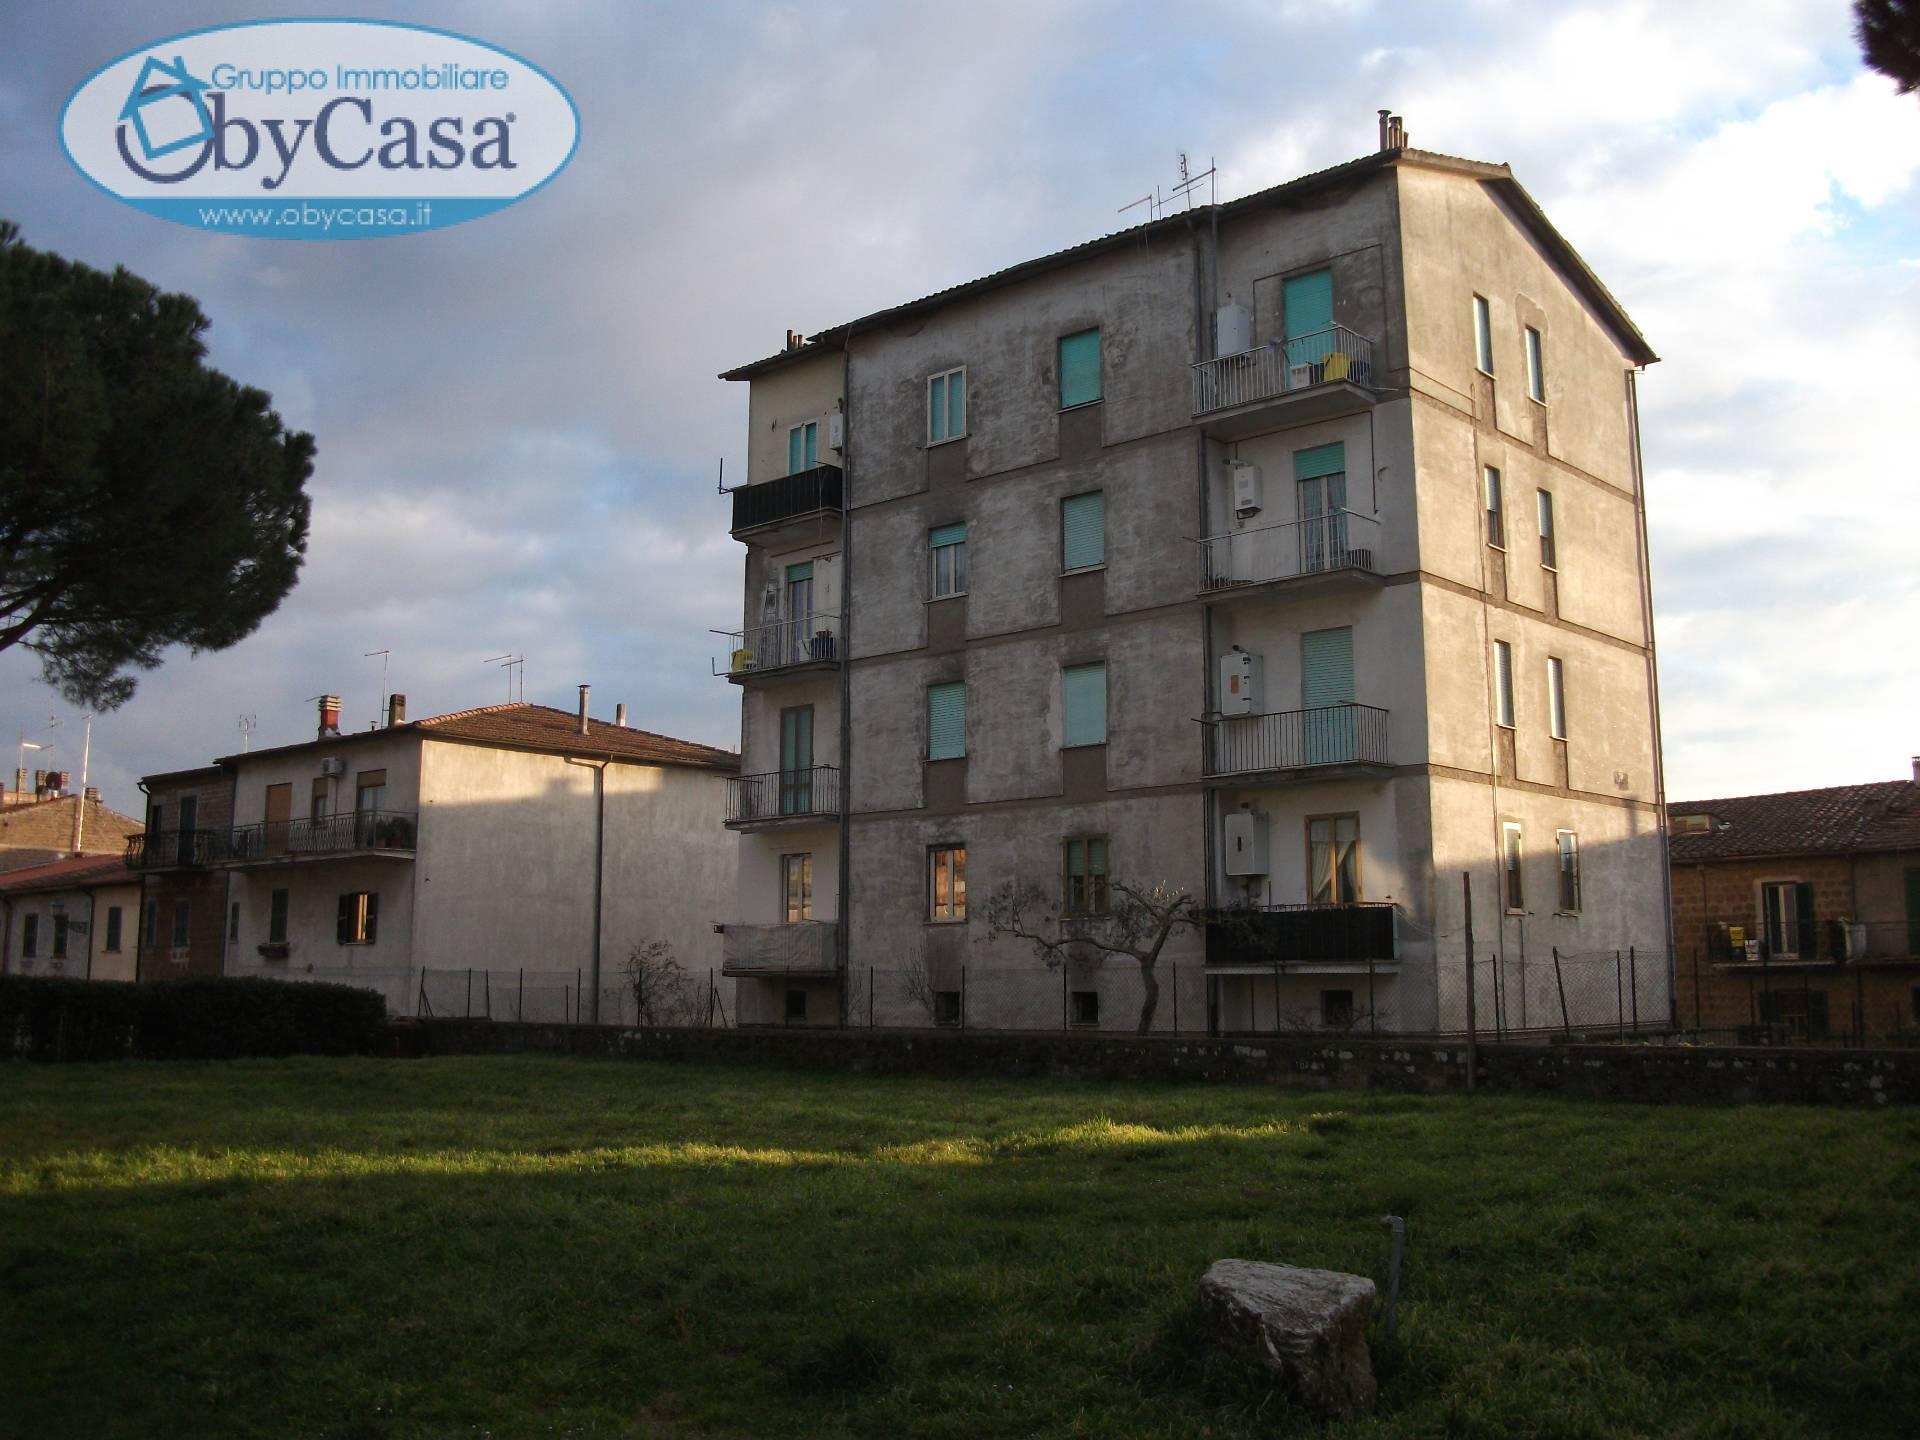 Appartamento in affitto a Vejano, 4 locali, zona Località: vejano, prezzo € 290 | Cambio Casa.it